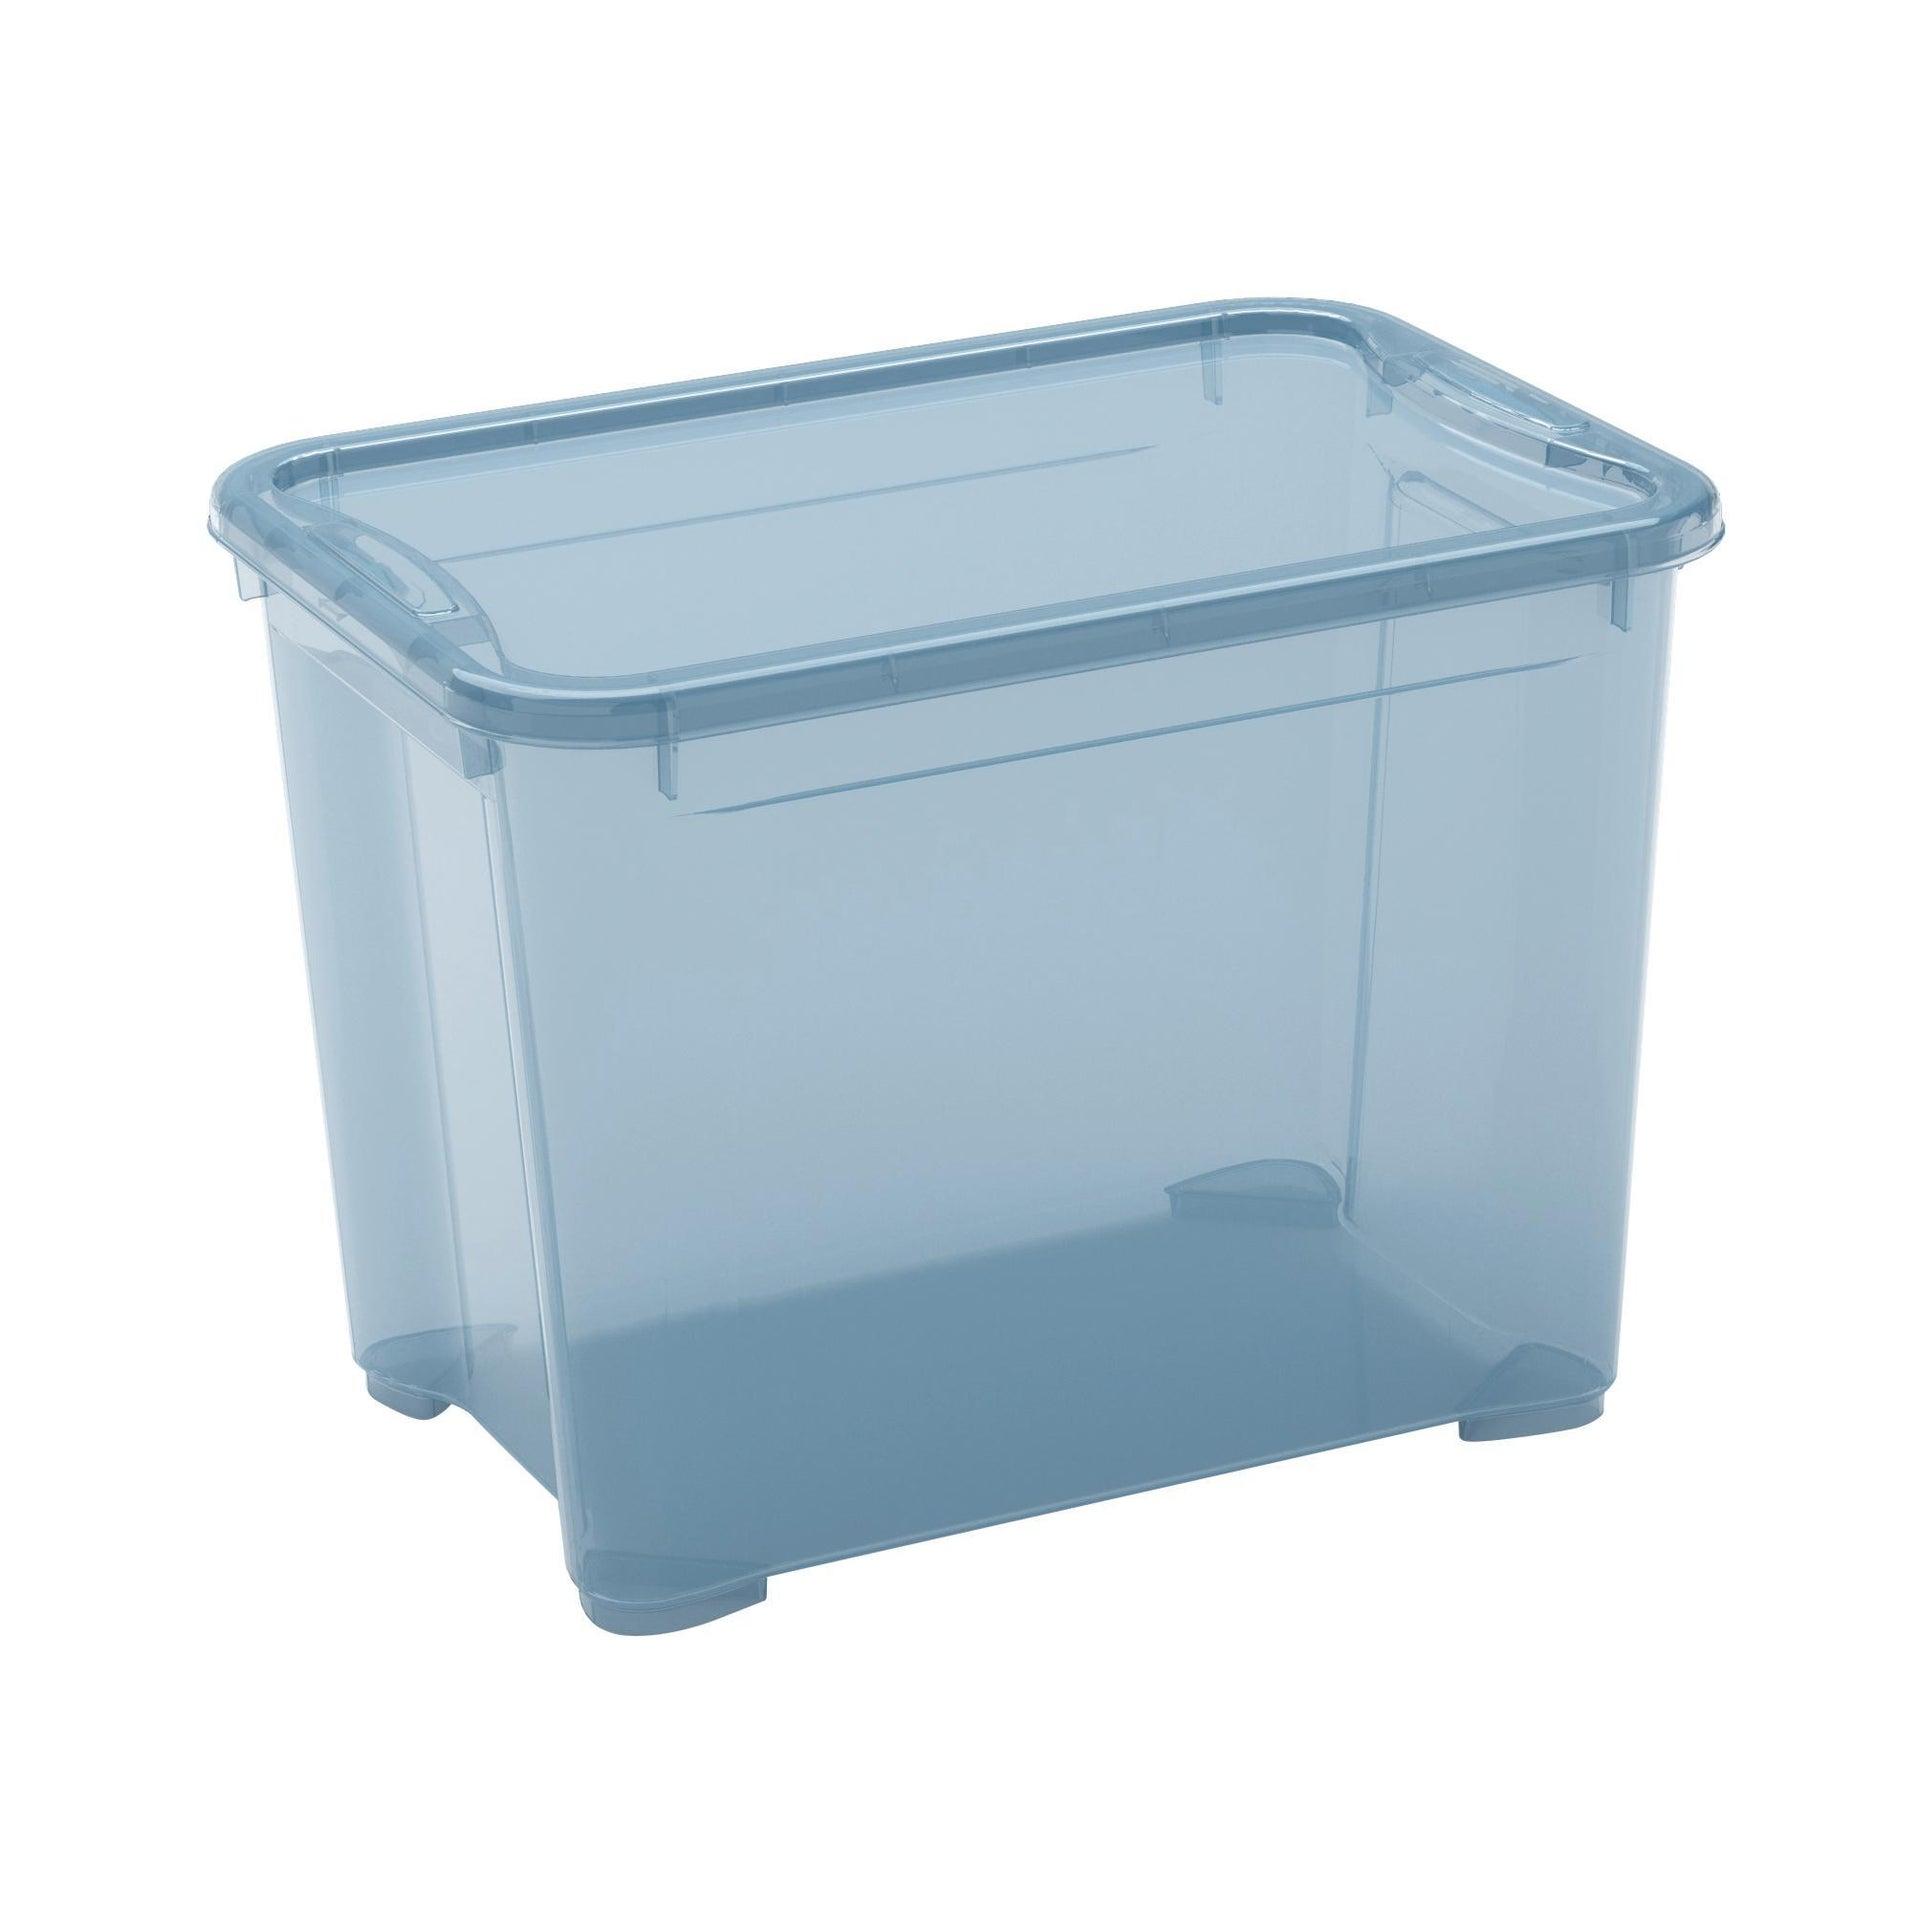 Contenitore T-box L 38 x H 28.5 x P 26.5 cm azzurro - 2